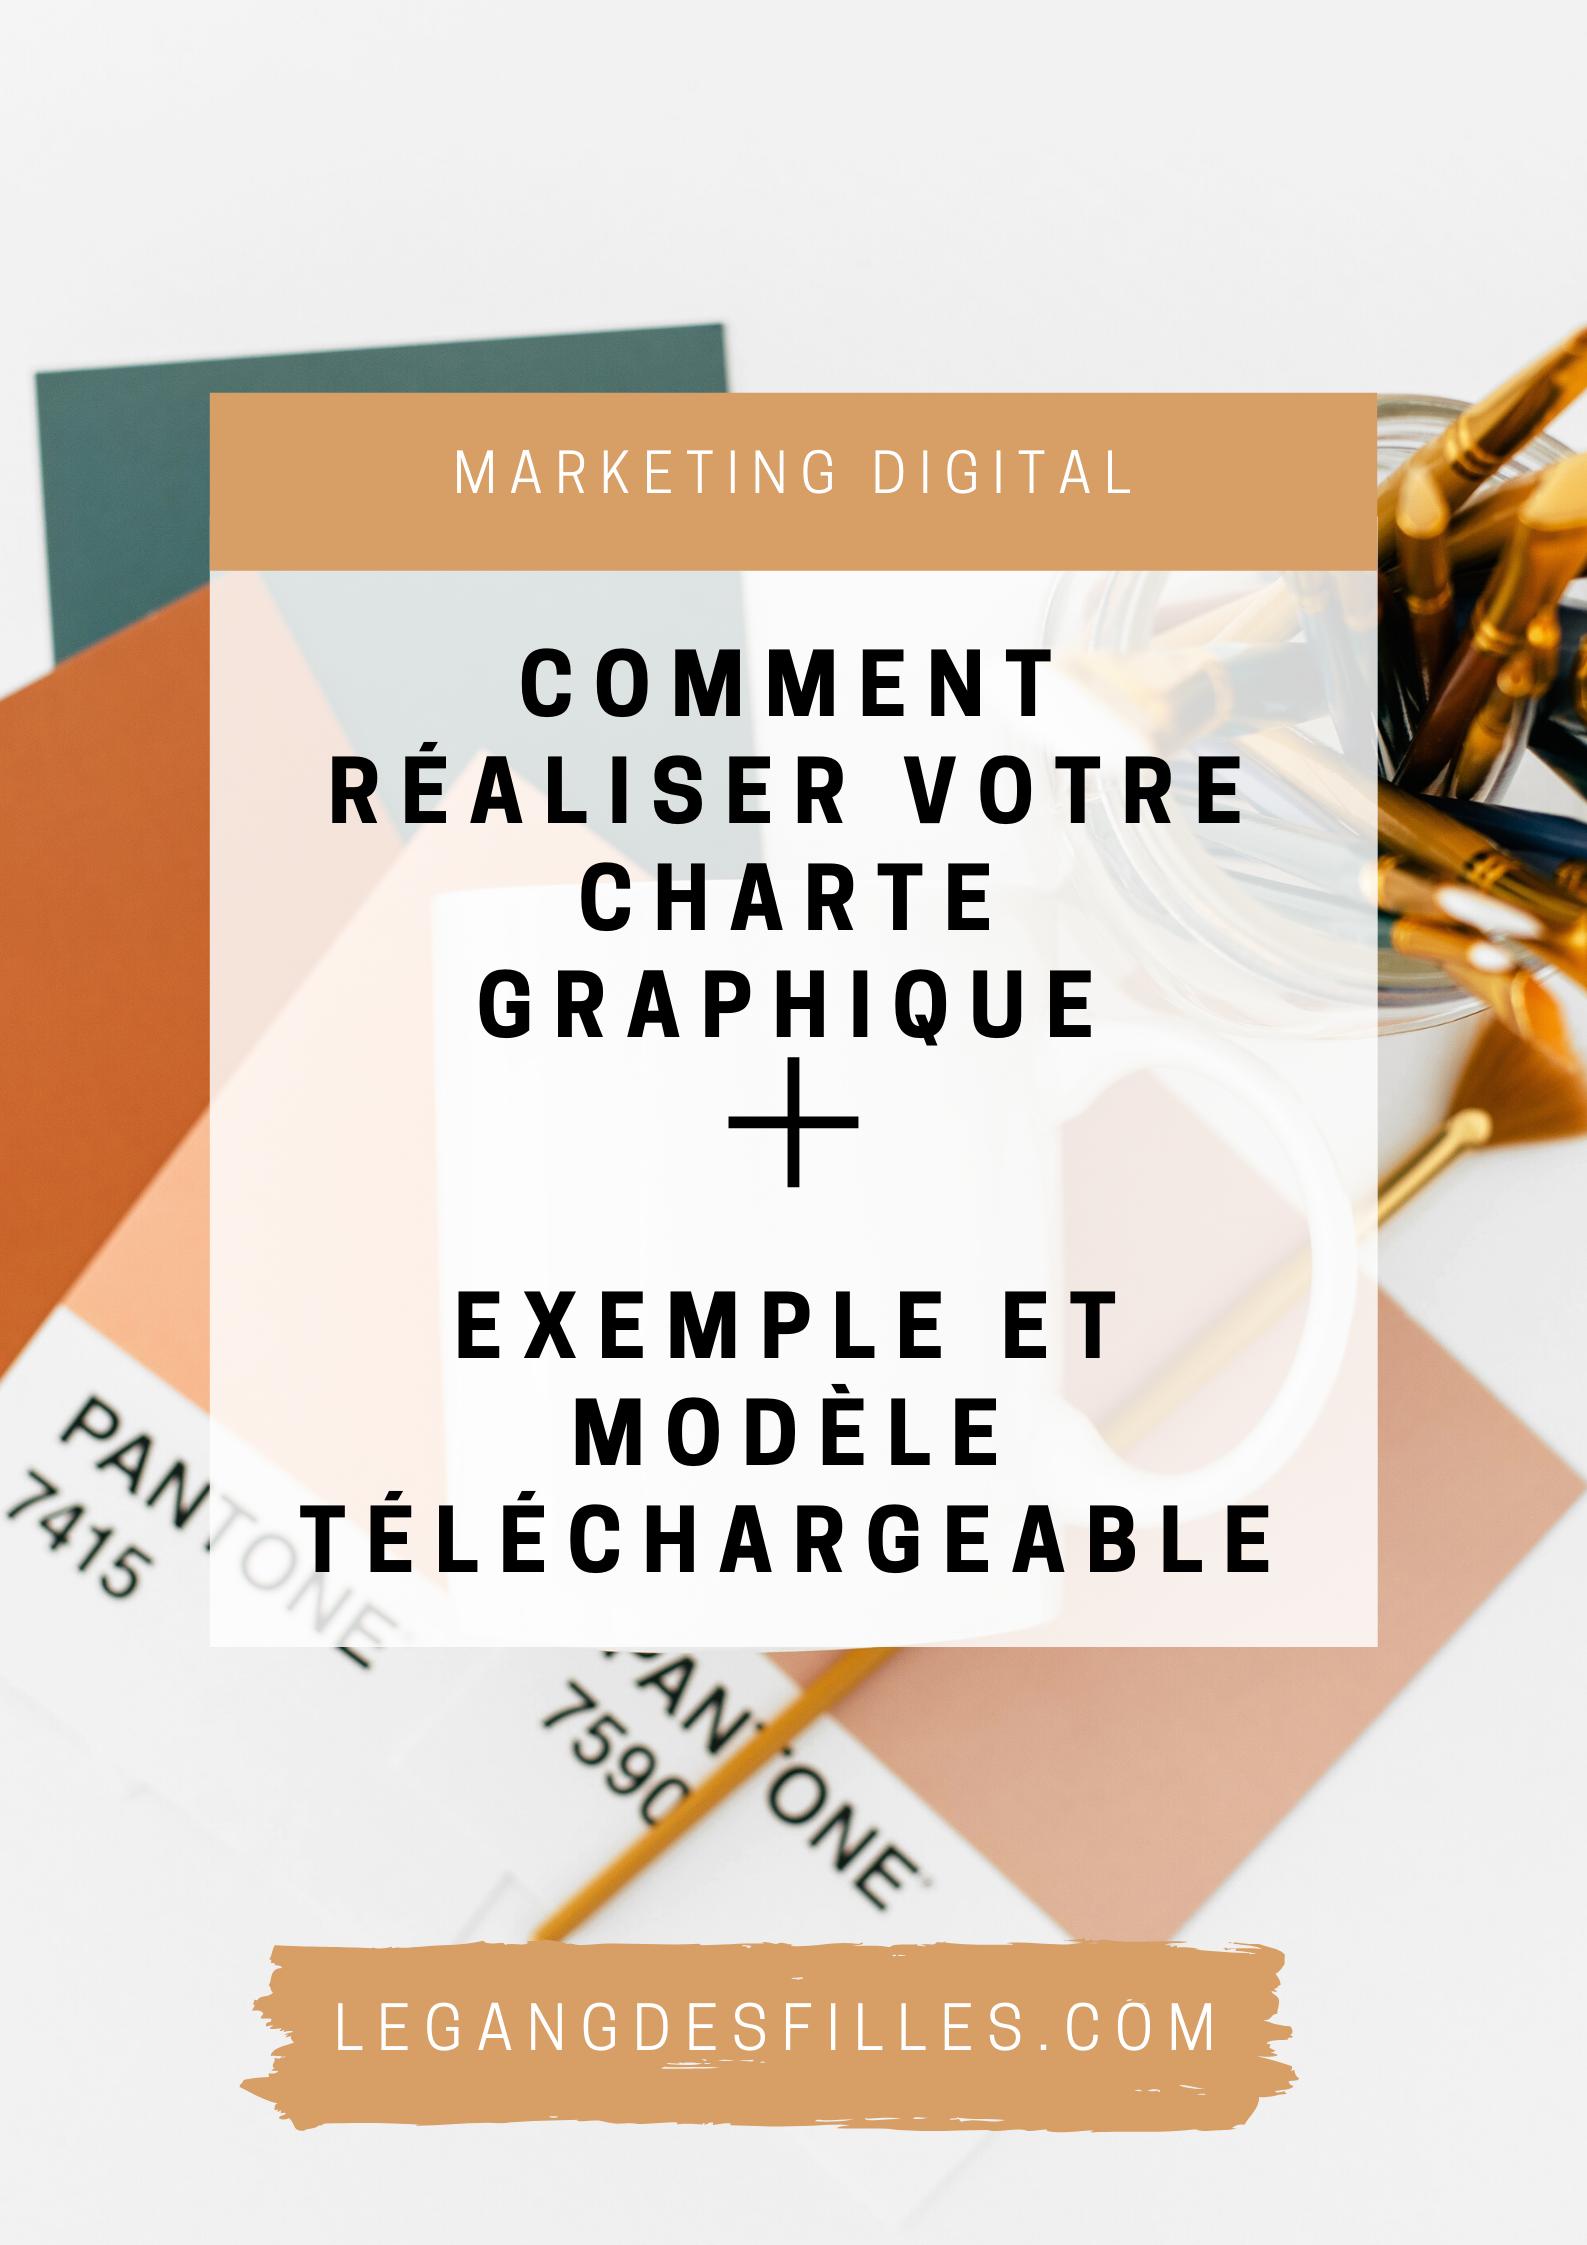 Comment Realiser Votre Charte Graphique Exemple Et Modele Telechargeable Legangdesfilles Charte Graphique Charte Graphique Exemple Charte Graphique Logo